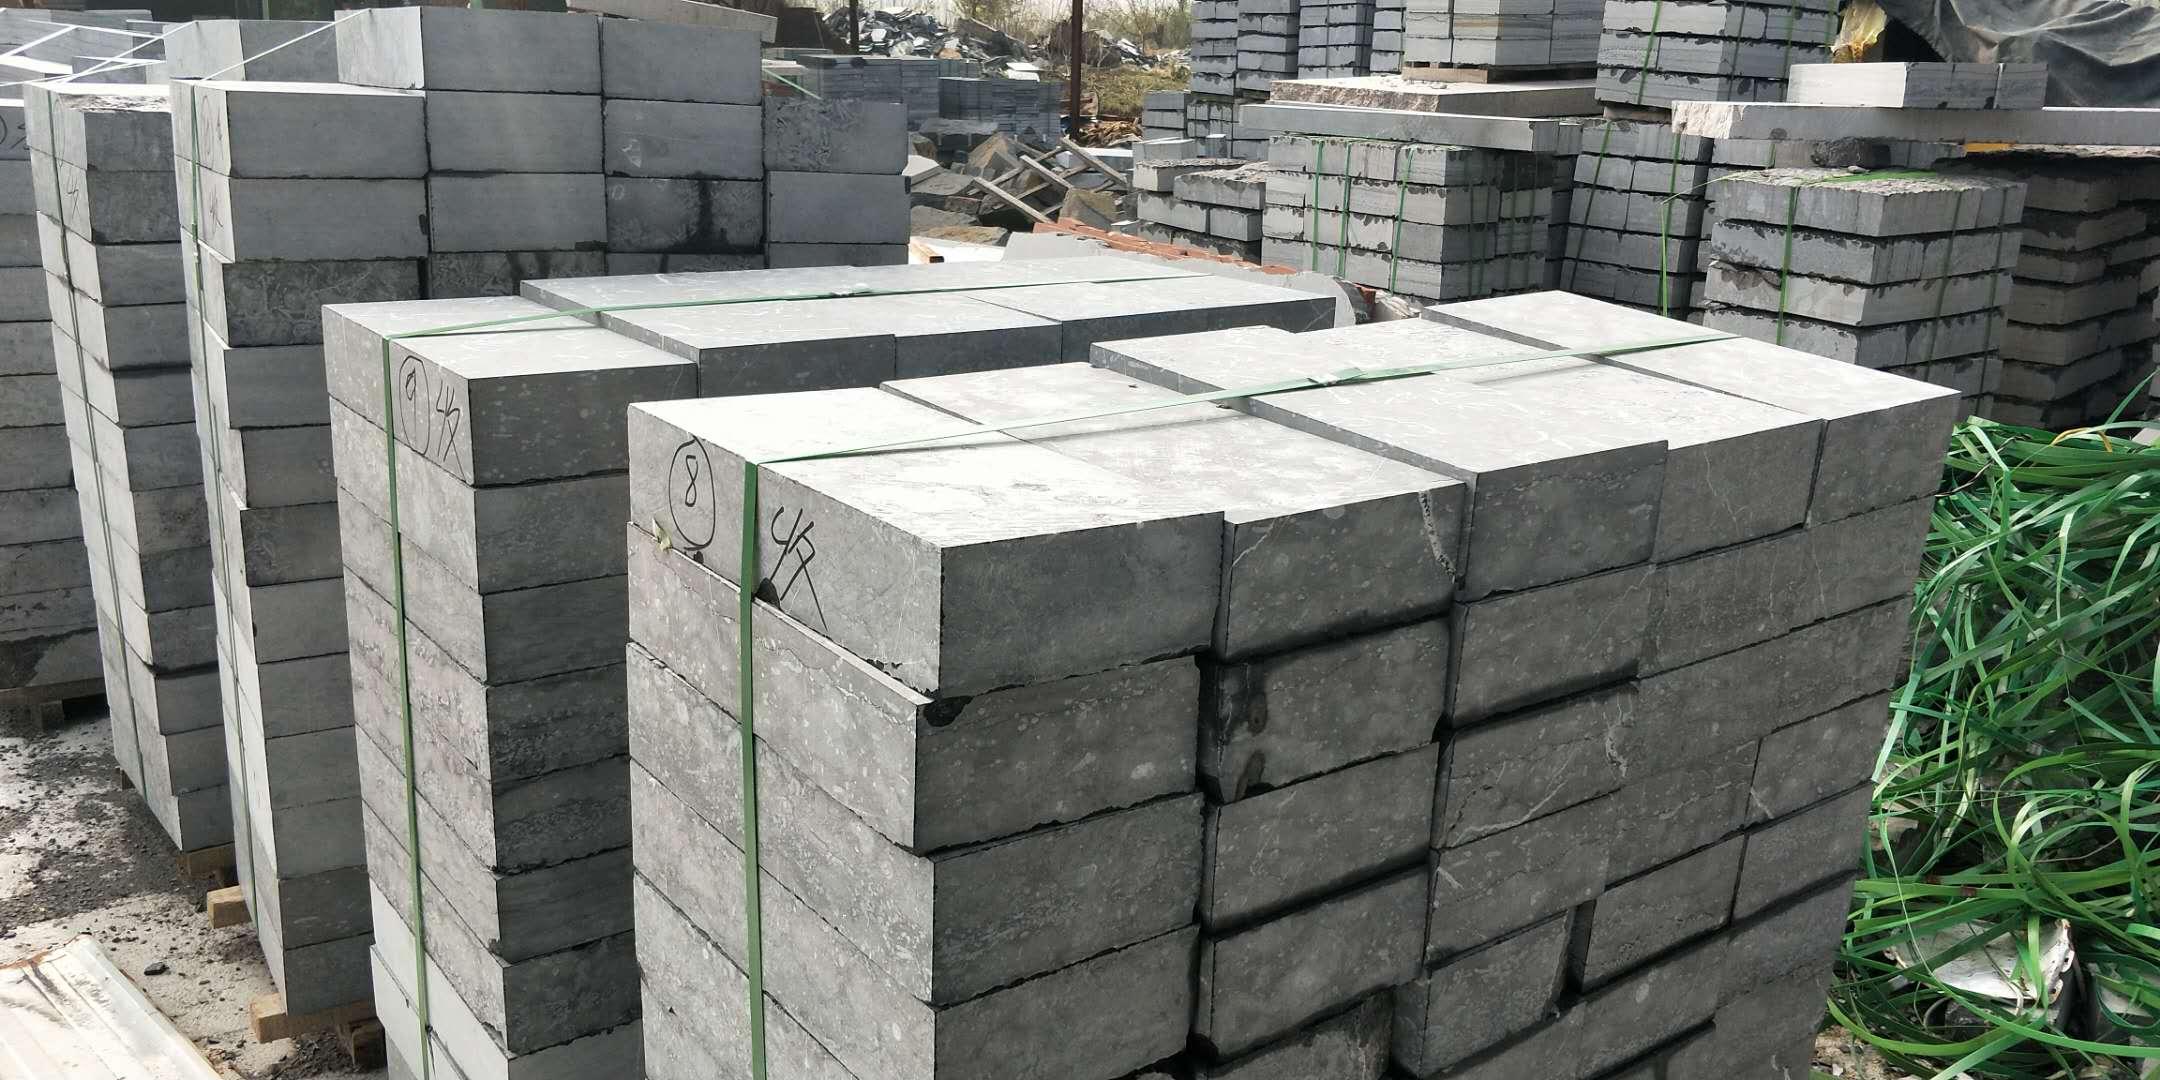 天然面青石板 安顺青石板厂家 安顺青石板价格